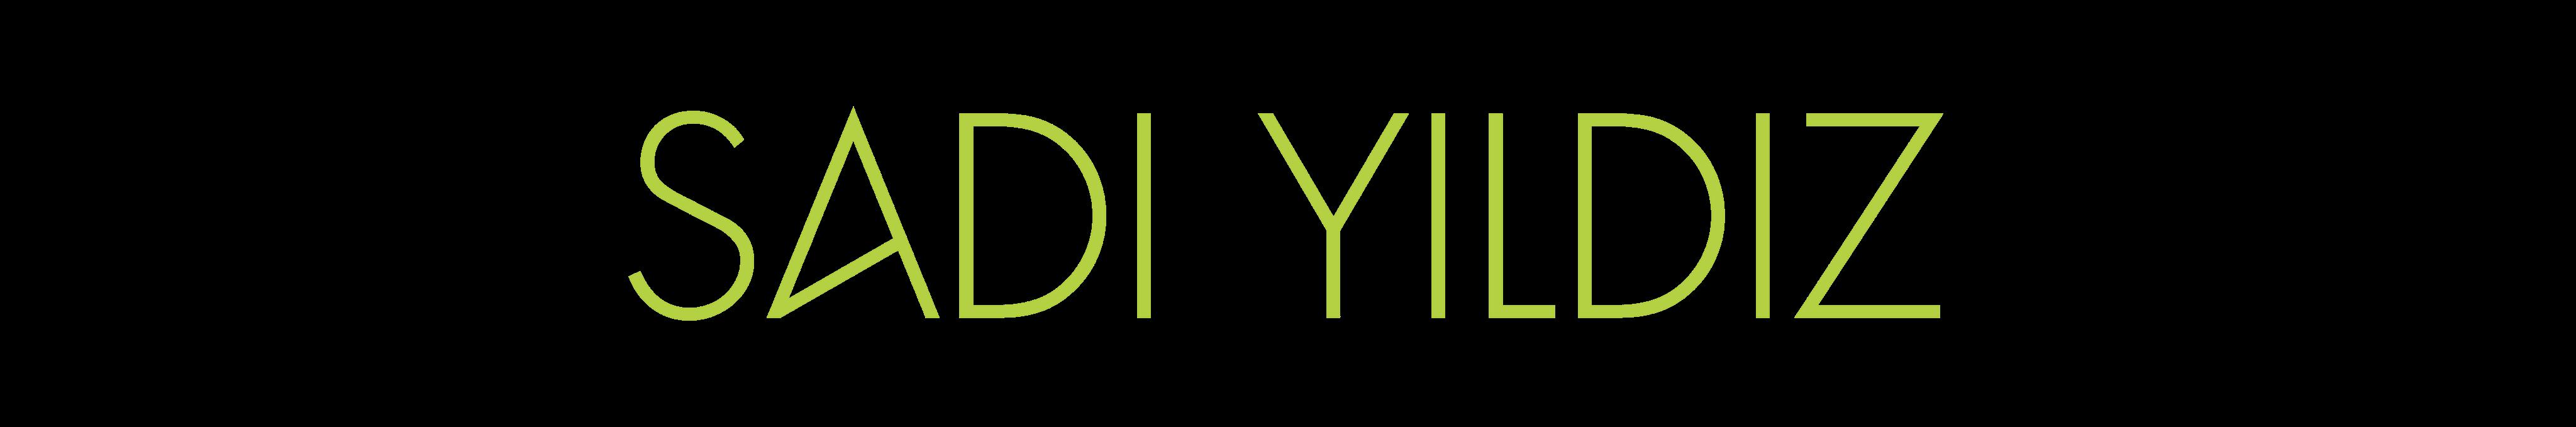 Sadi Yildiz